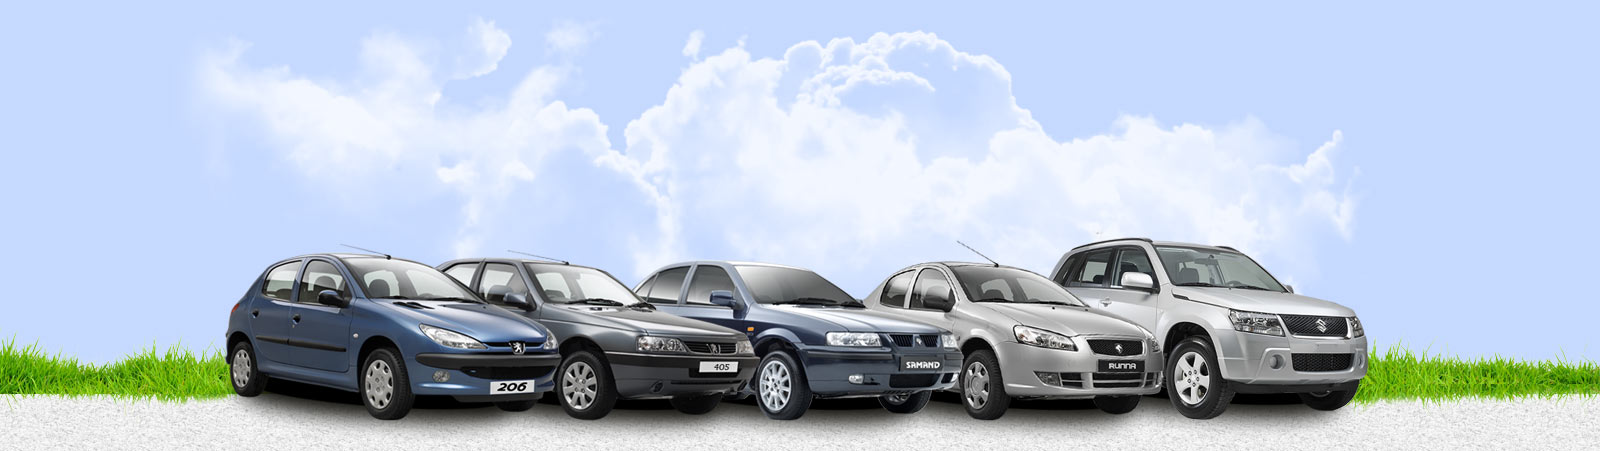 اینفوگرافیک|ایرانیها چه خودروهایی را بیشتر میپسندند؟